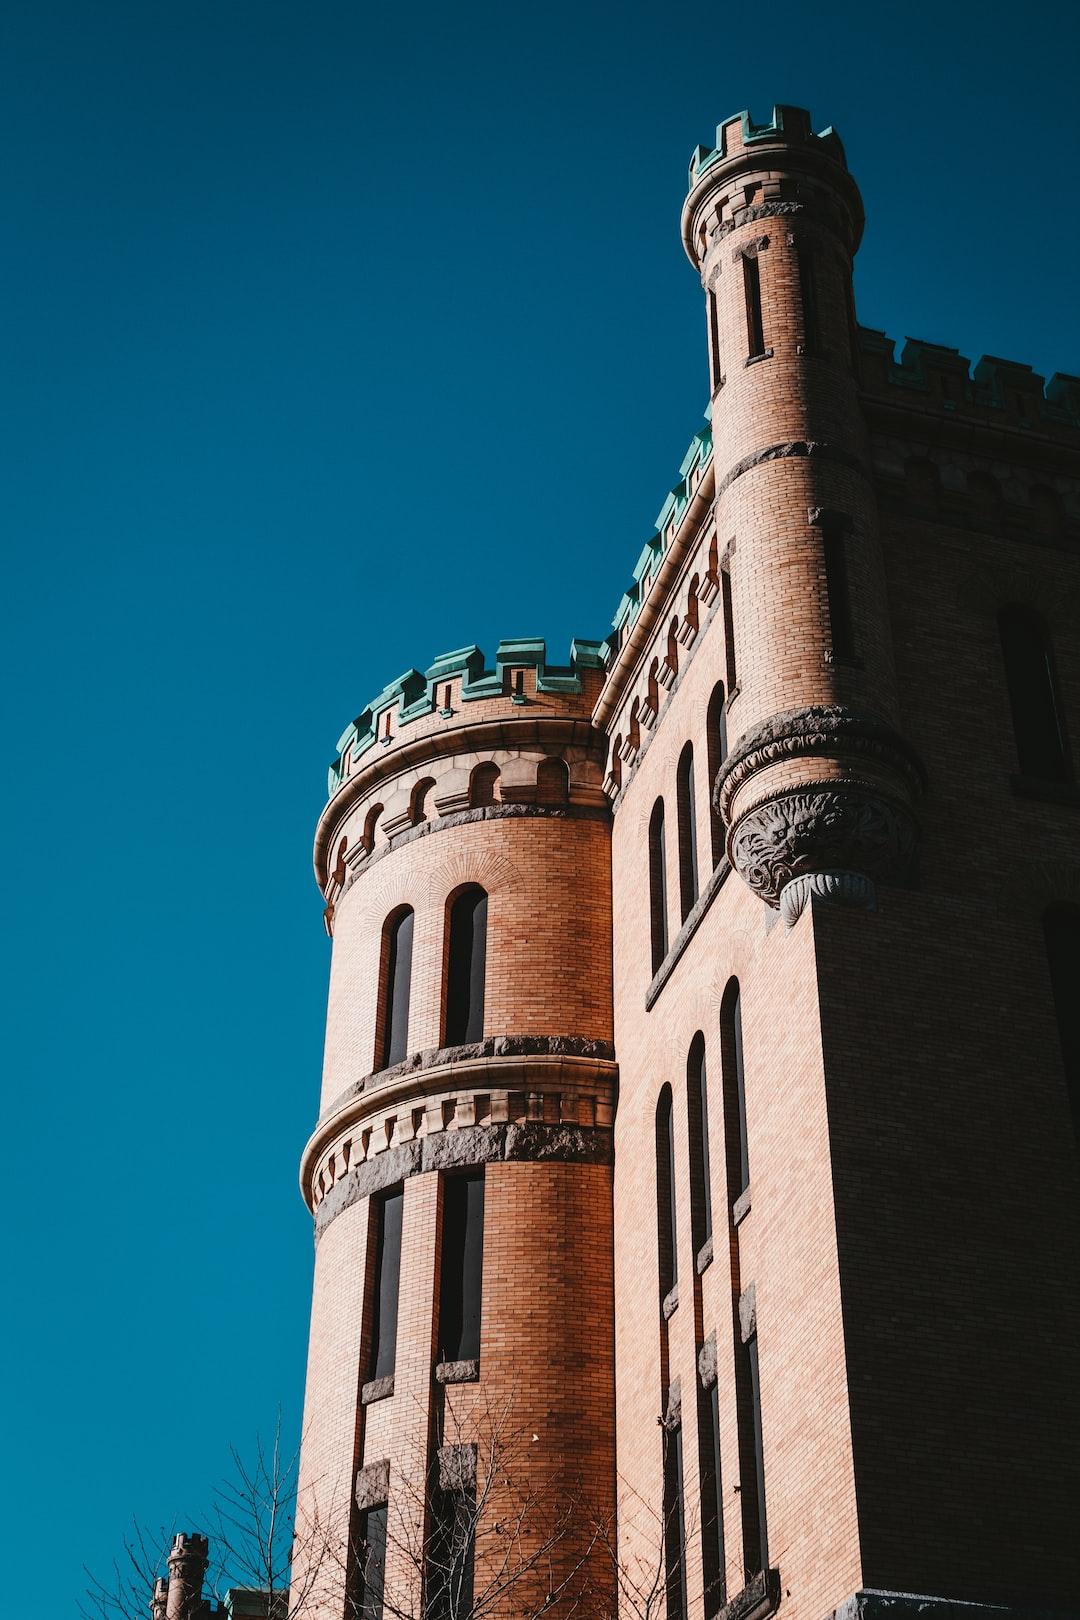 The armory looks like a castle.